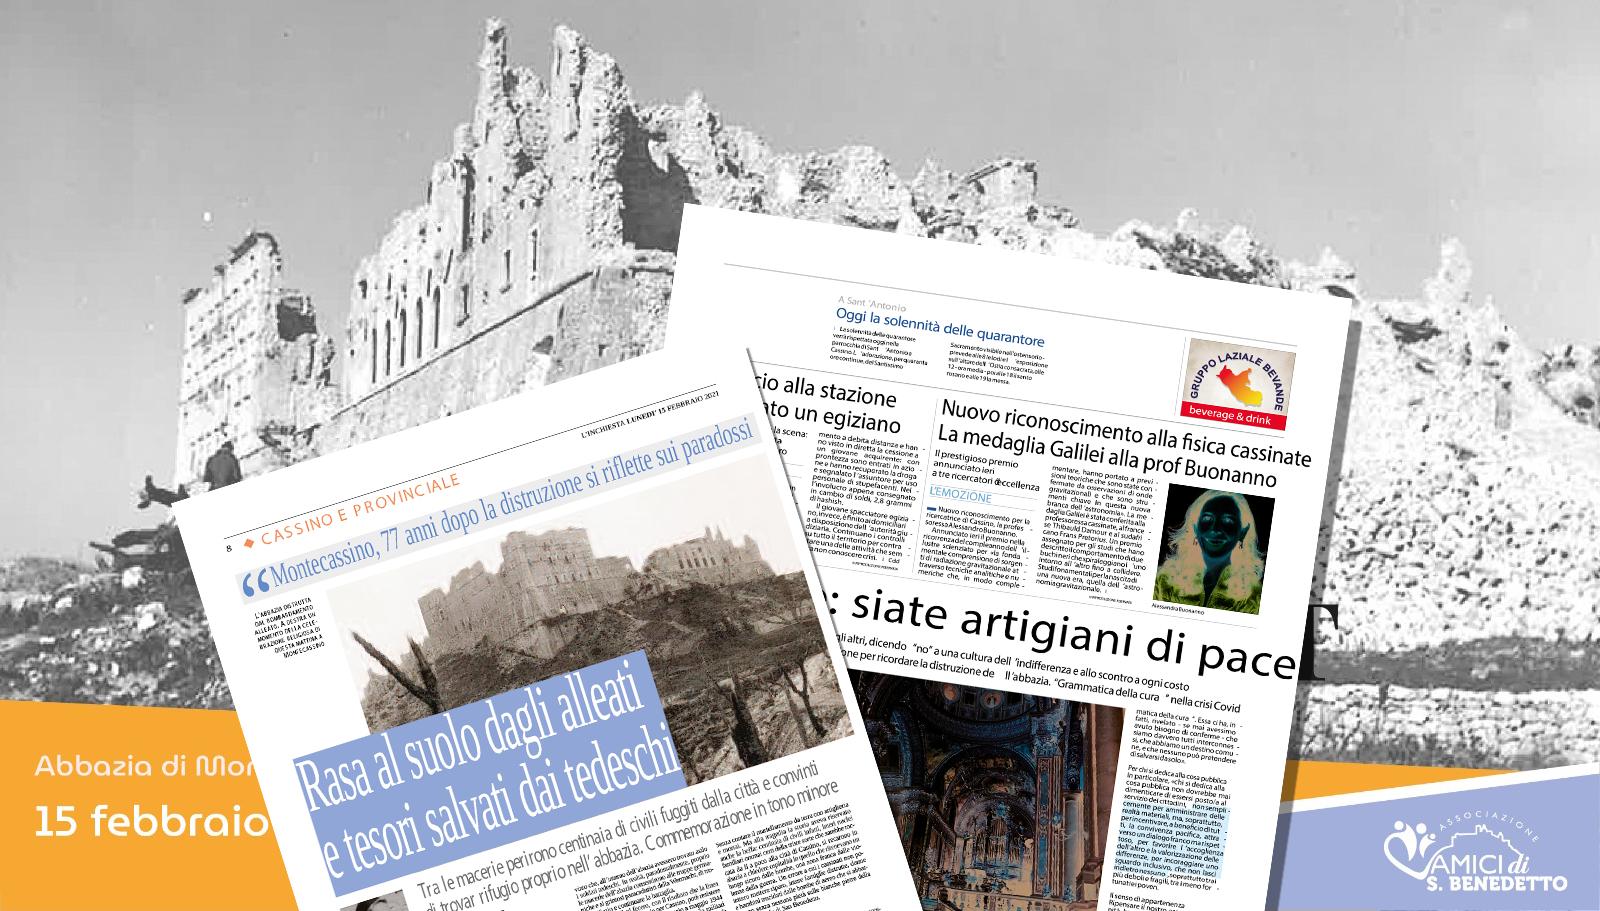 15 febbraio 1944 – 15 febbraio 2021 – il bombardamento dell'Abbazia di Montecassino